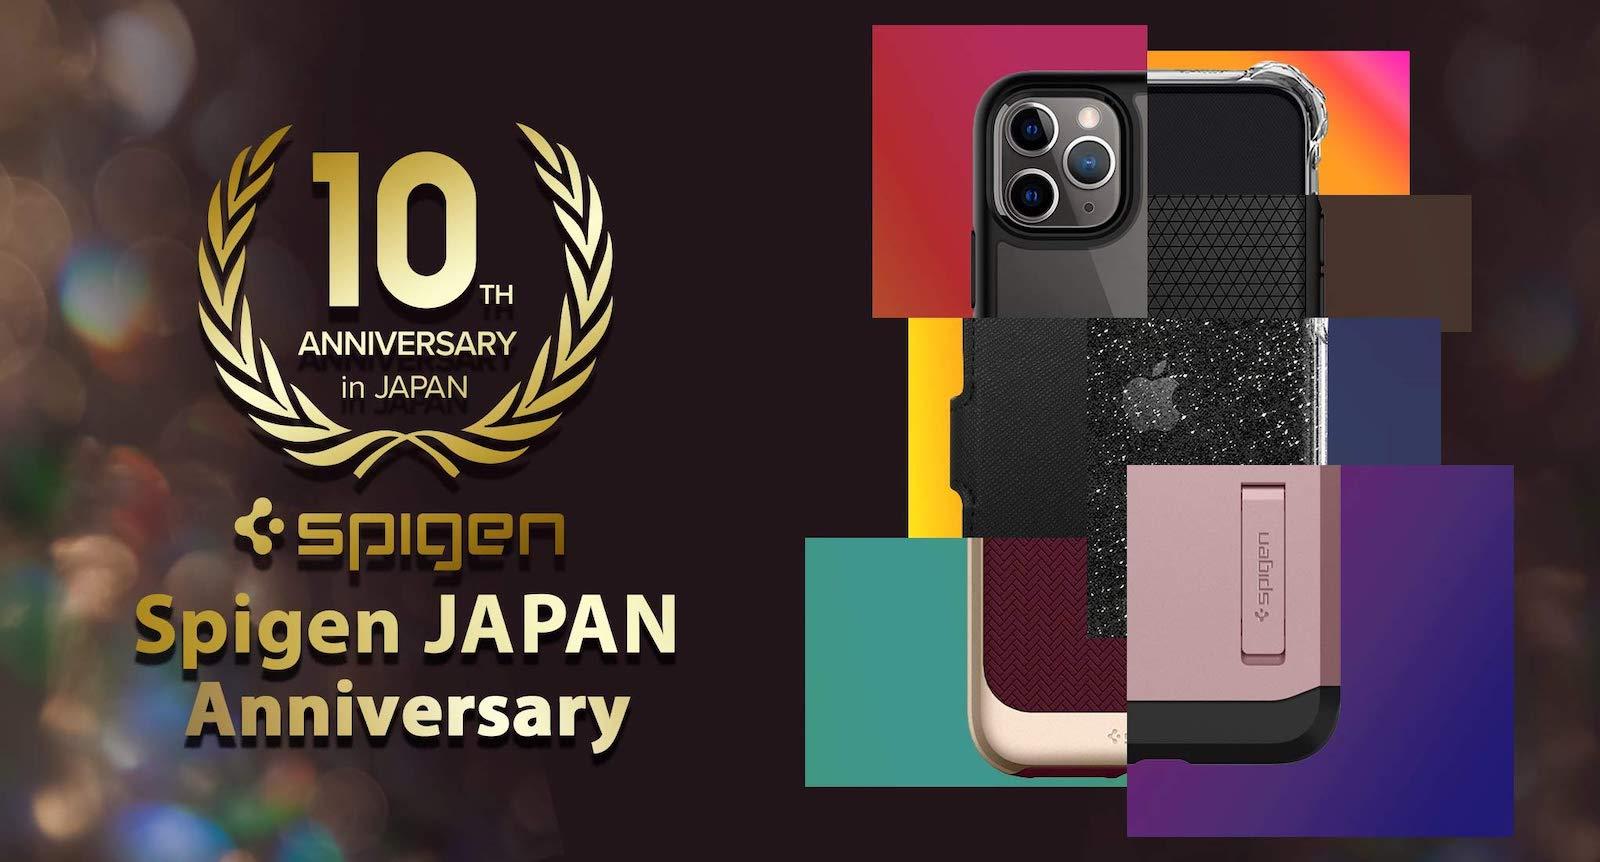 Spigen 10th anniversary